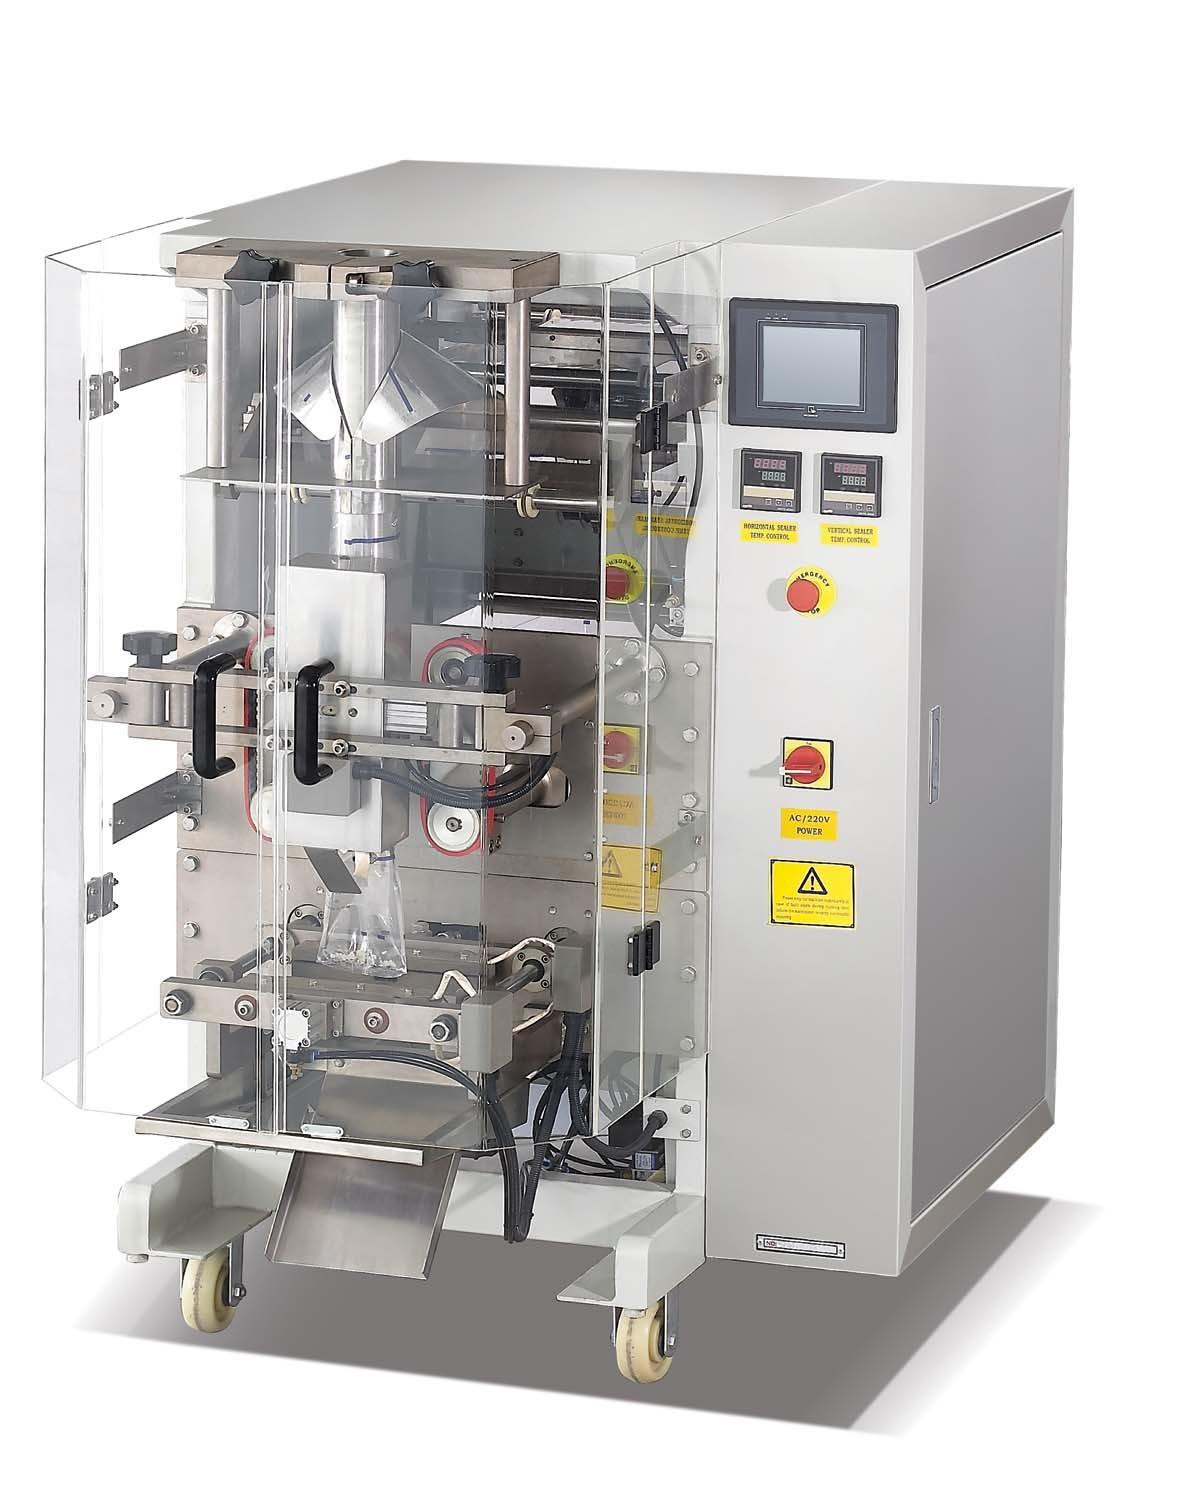 Automatische Puff-Food-Verpackungsmaschine mit unterstützender Ausrüstung für schnelle Lieferung